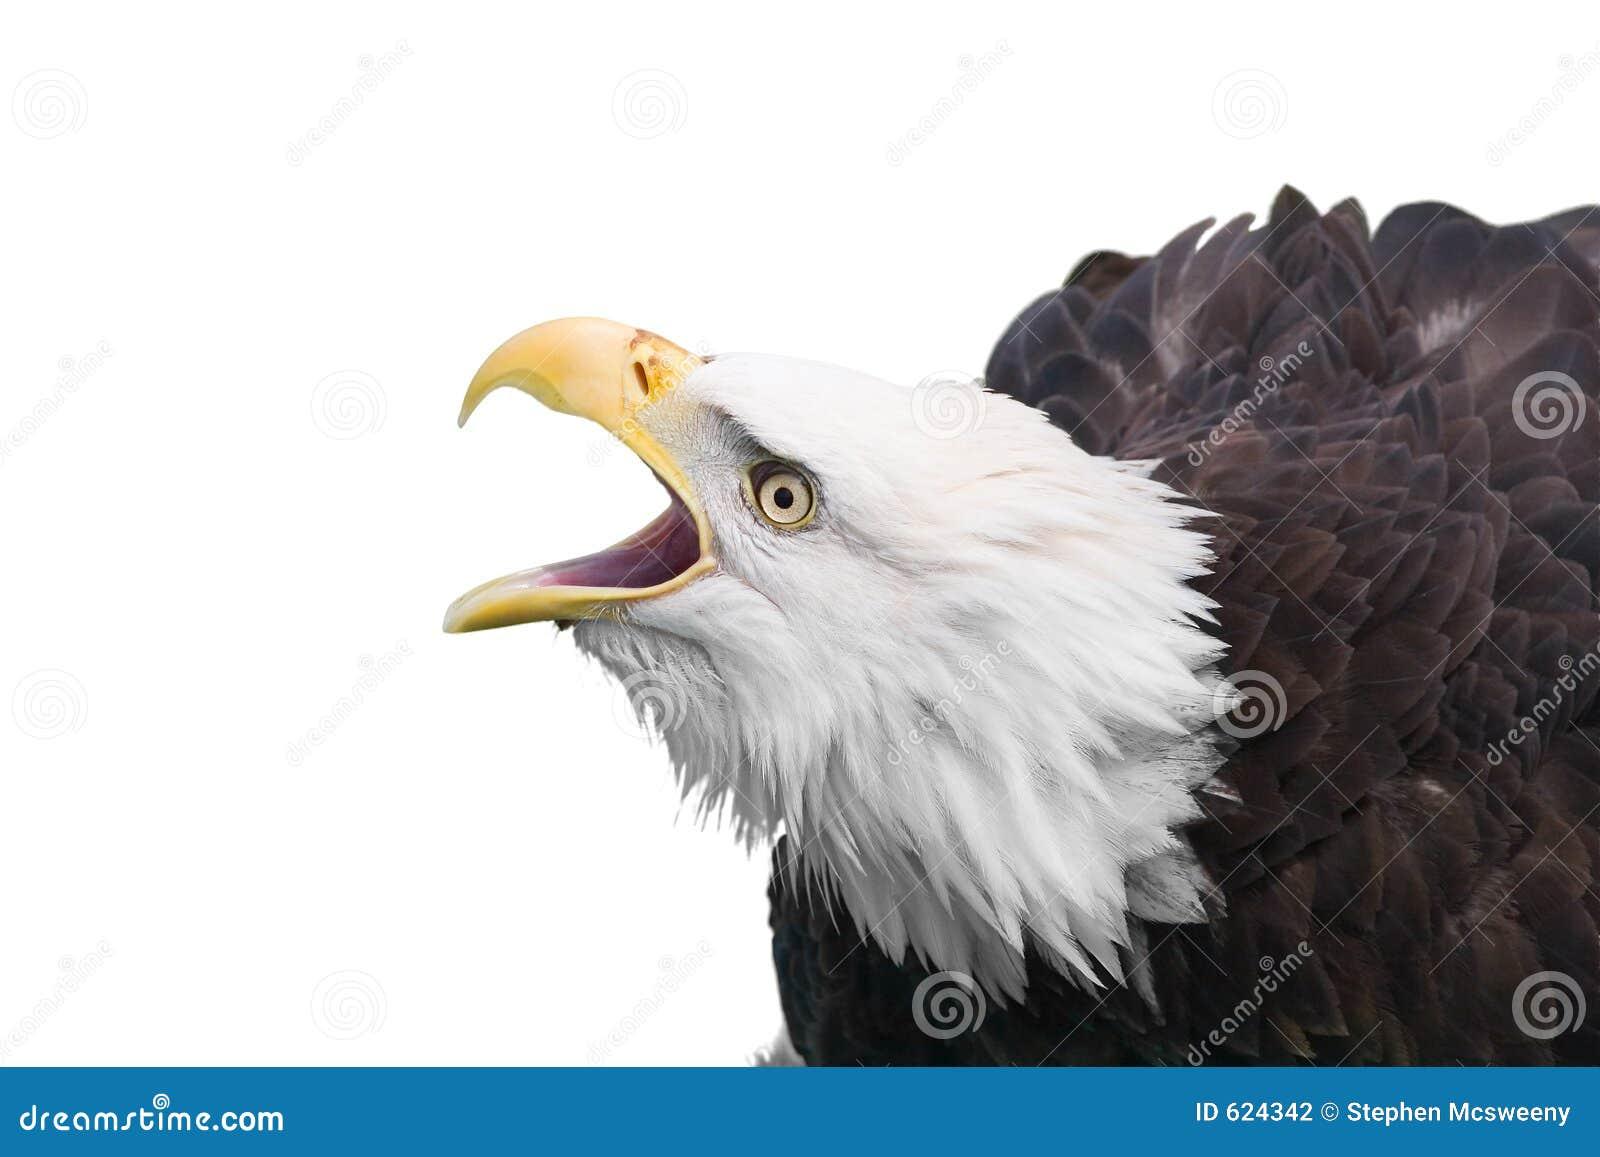 Eagle isolated